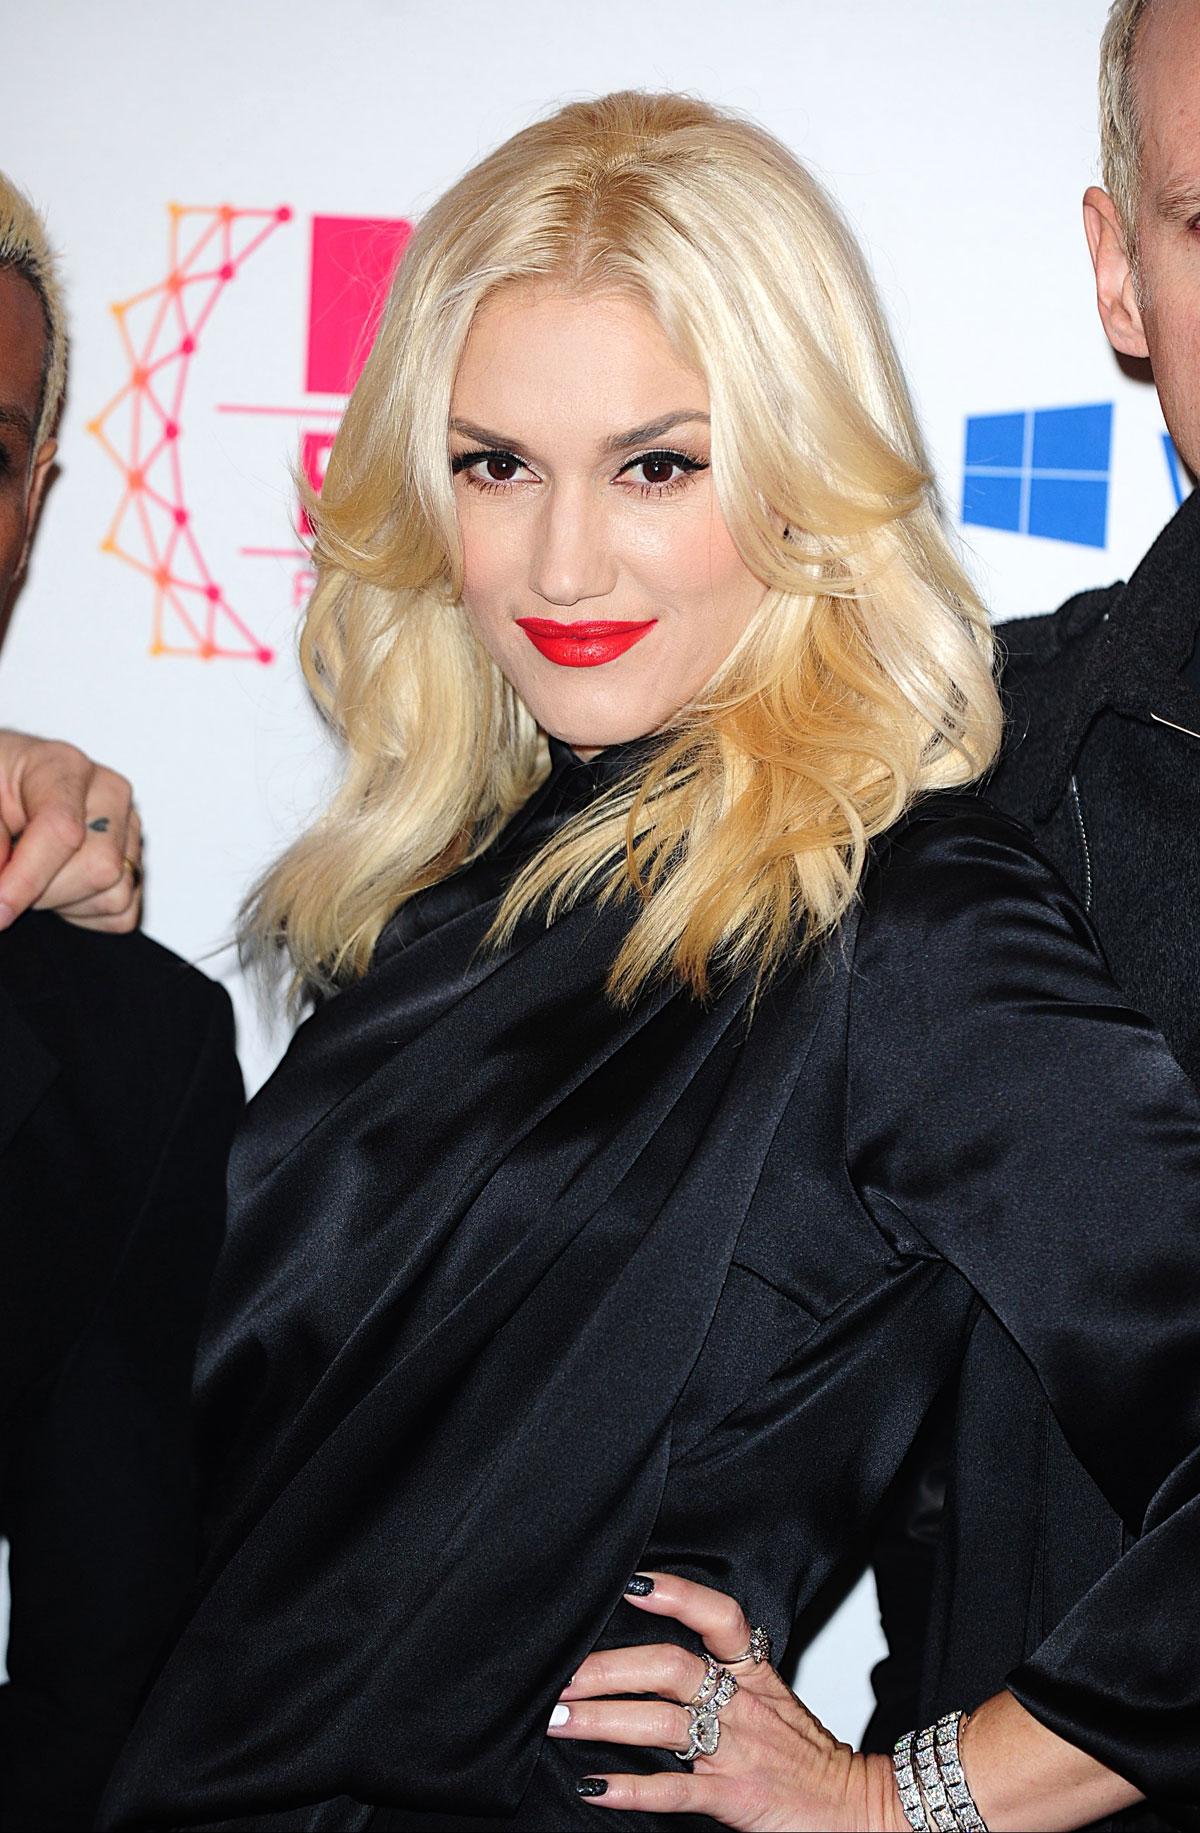 GWEN STEFANI at 2012 MTV European Music Awards in ...